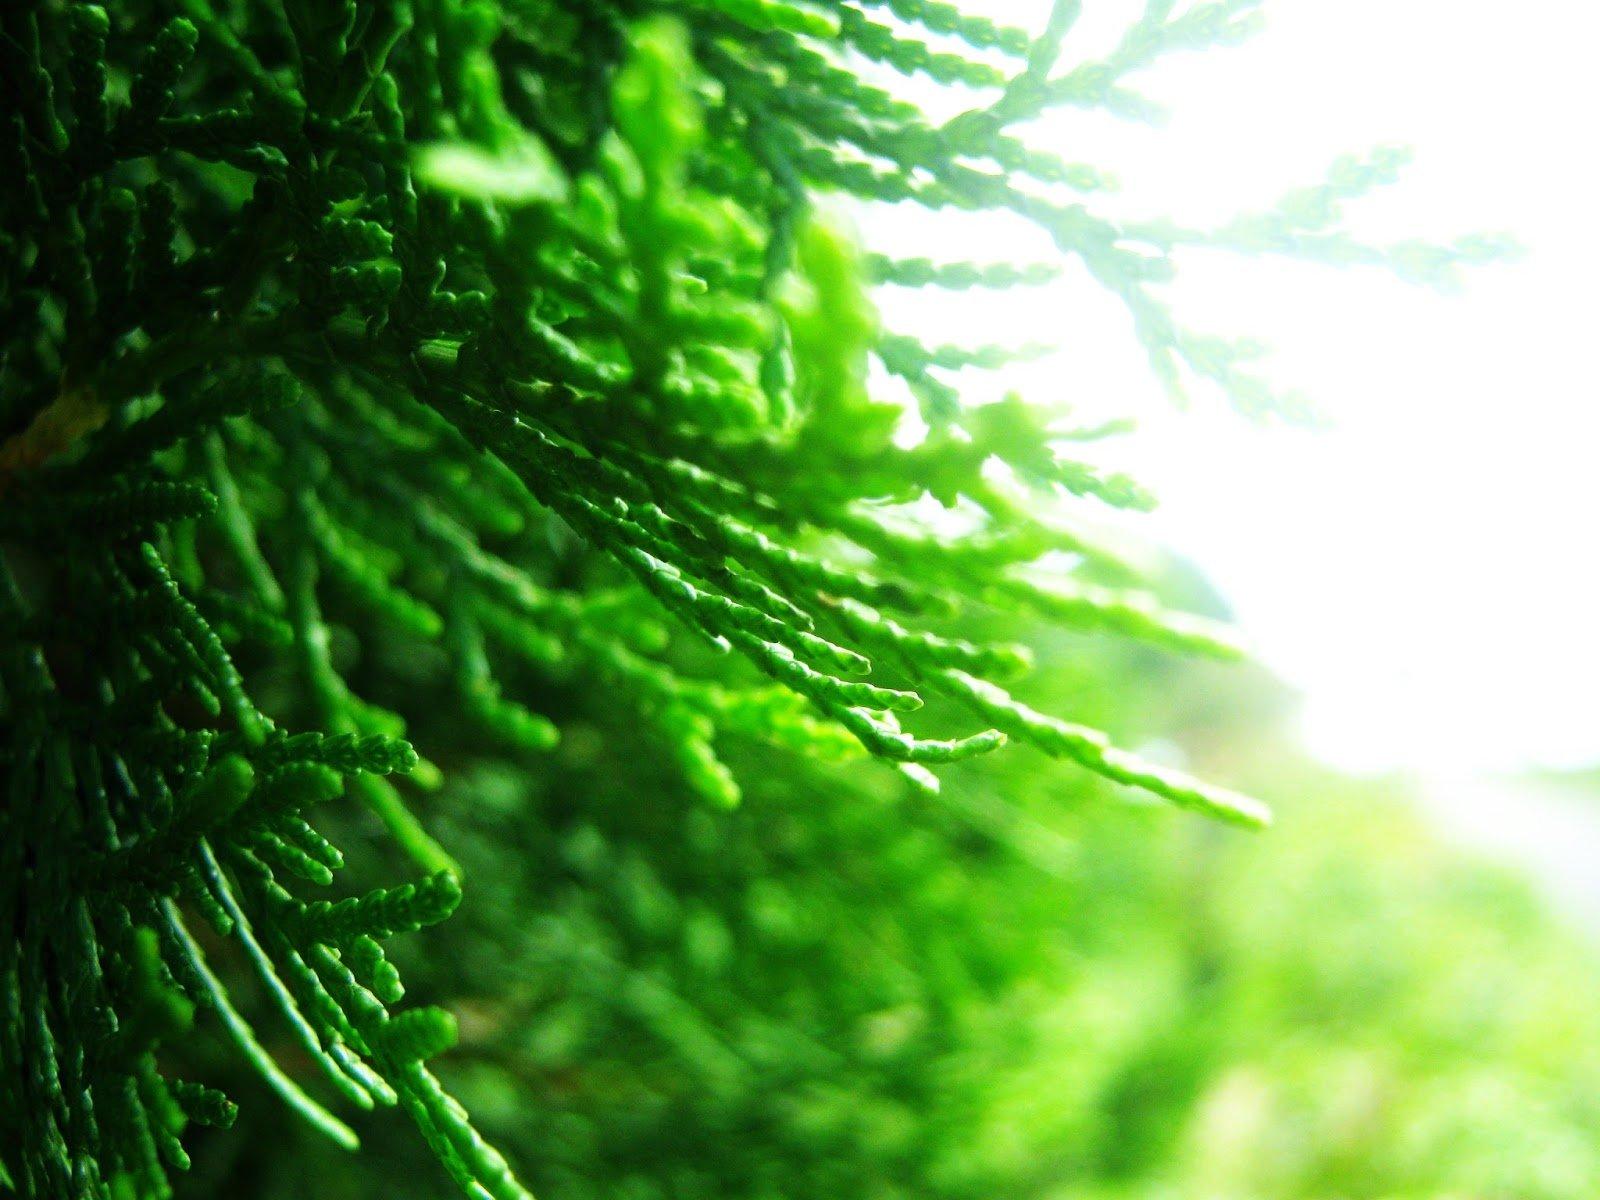 The Cedar by Sudipto Sarkar on Visioplanet Photography